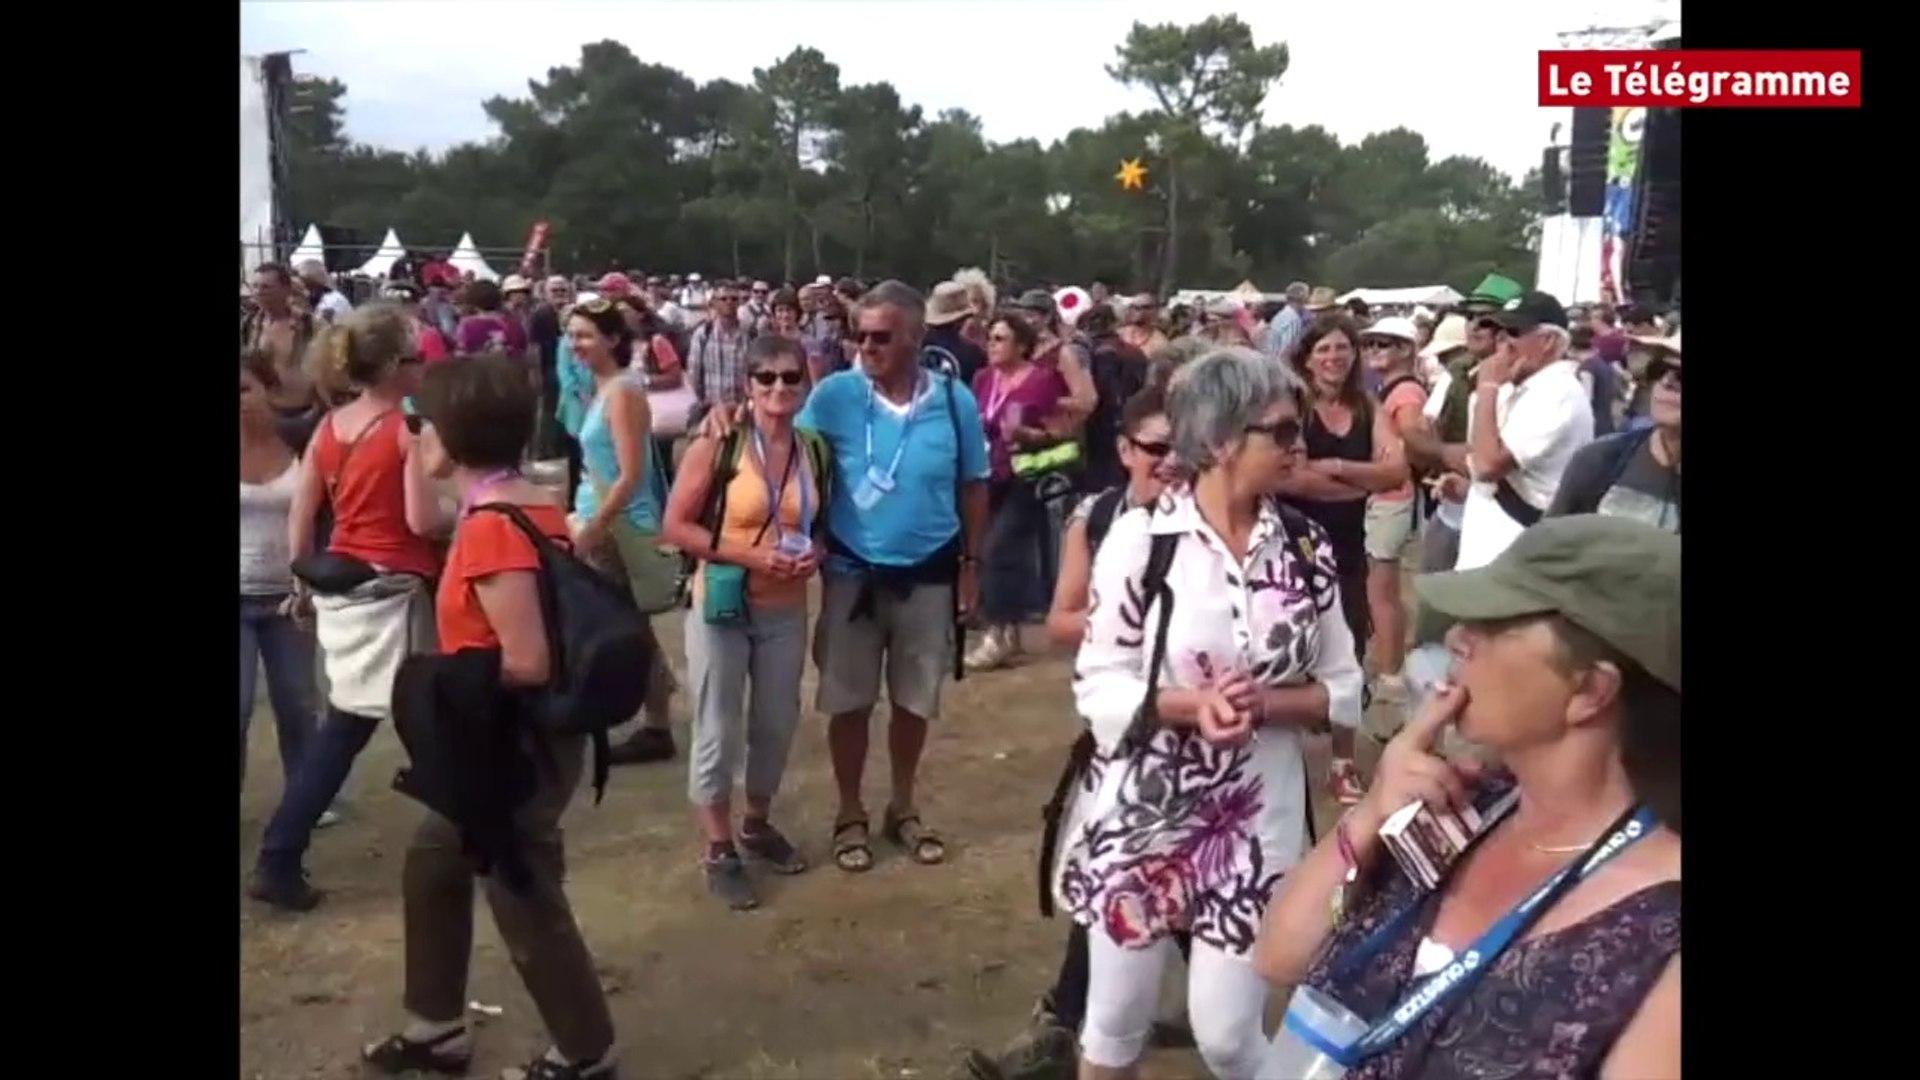 Bout du Monde. La fanfare Gangbe Brass Band sur la prairie de Landaoudec